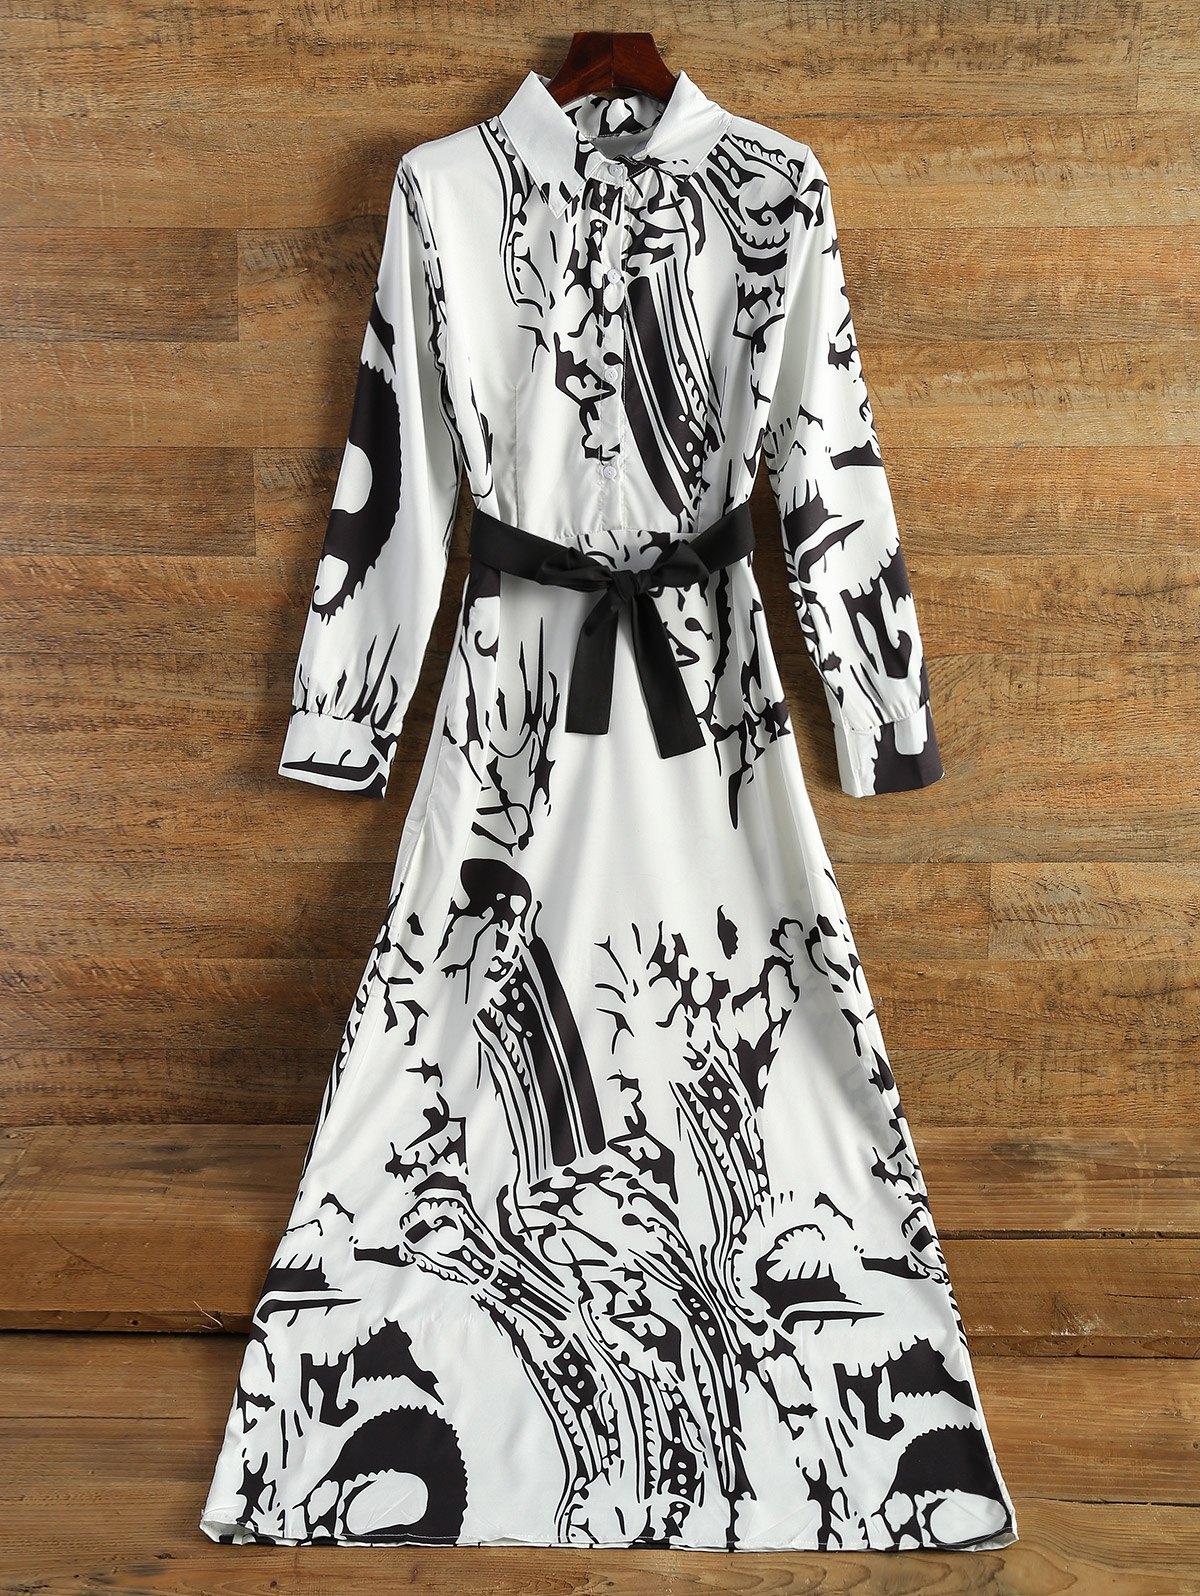 Chinese Painting Chiffon Maxi Dress - OFF WHITE S